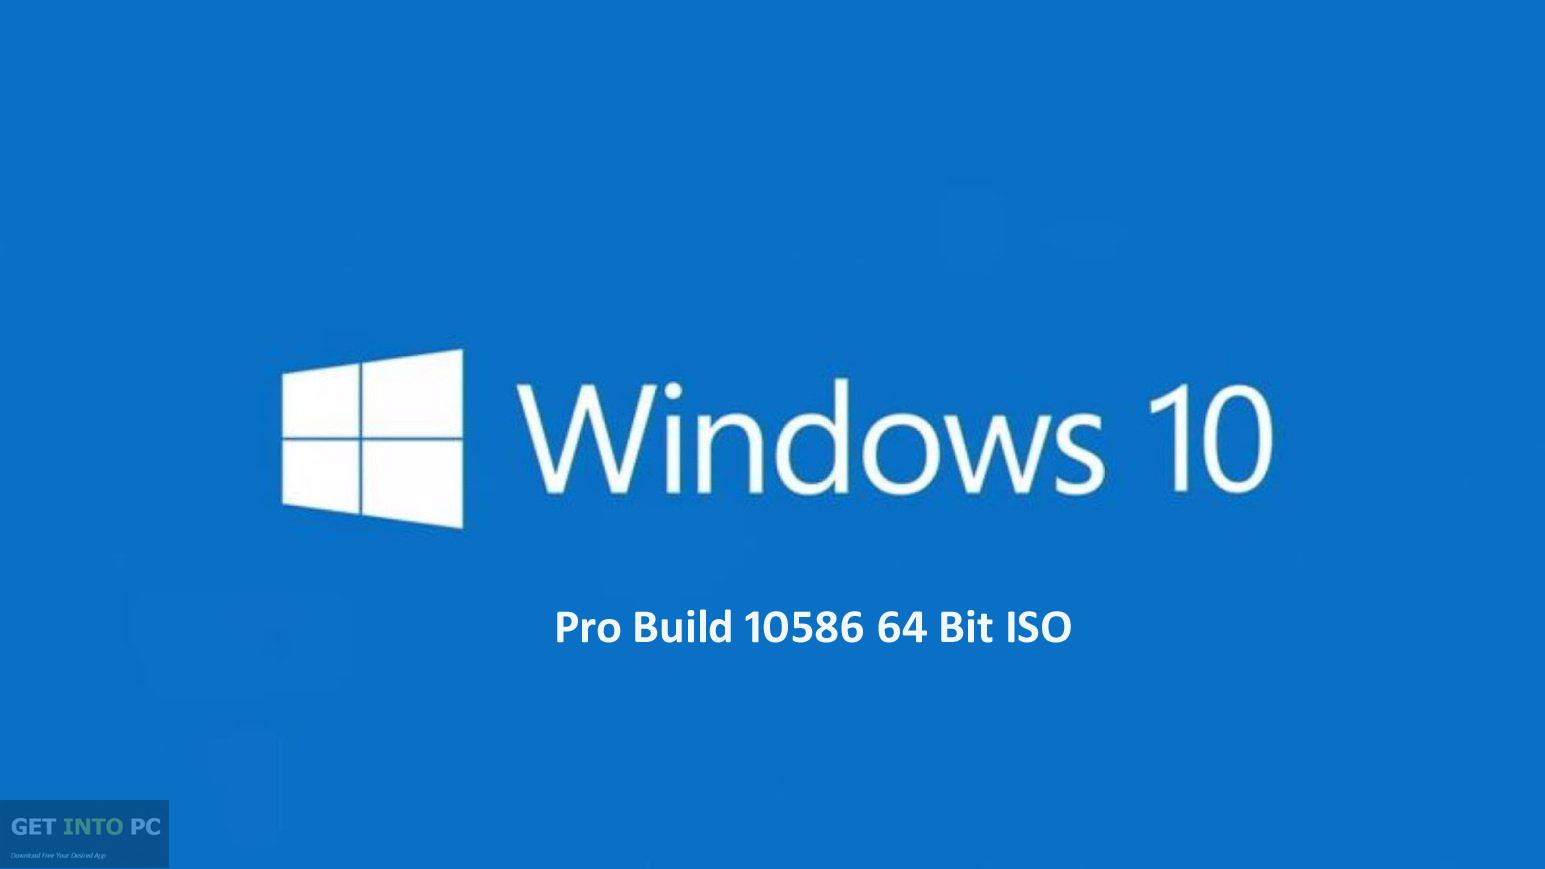 Mac Os X 10.11 El Capitan Iso Download